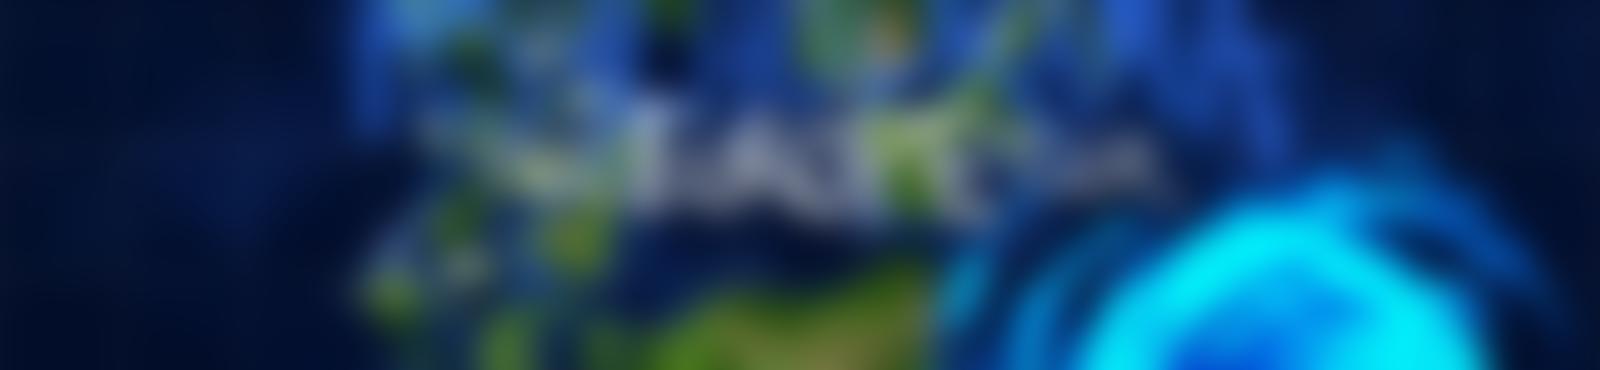 Blurred 9bd4565f fc99 4d1e 968f 291167da7710